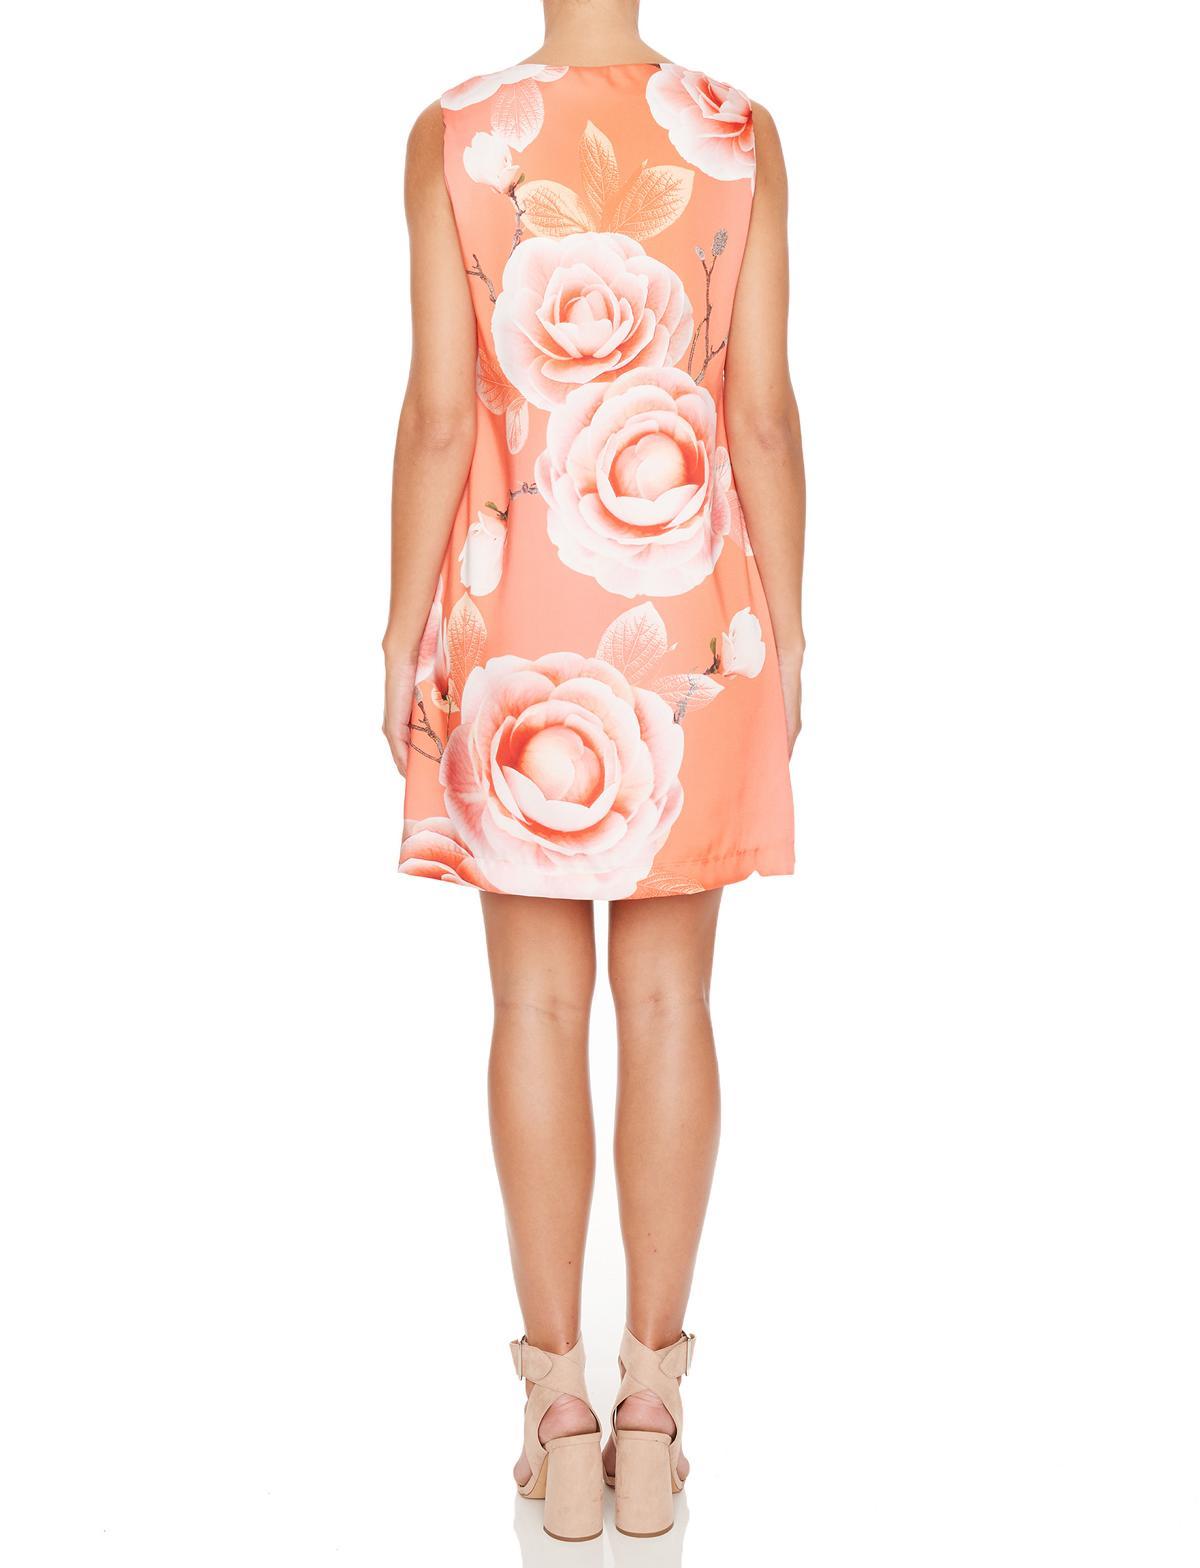 Rückansicht von Ana Alcazar Limited Edition Rüschenkleid Malibe  angezogen an Model